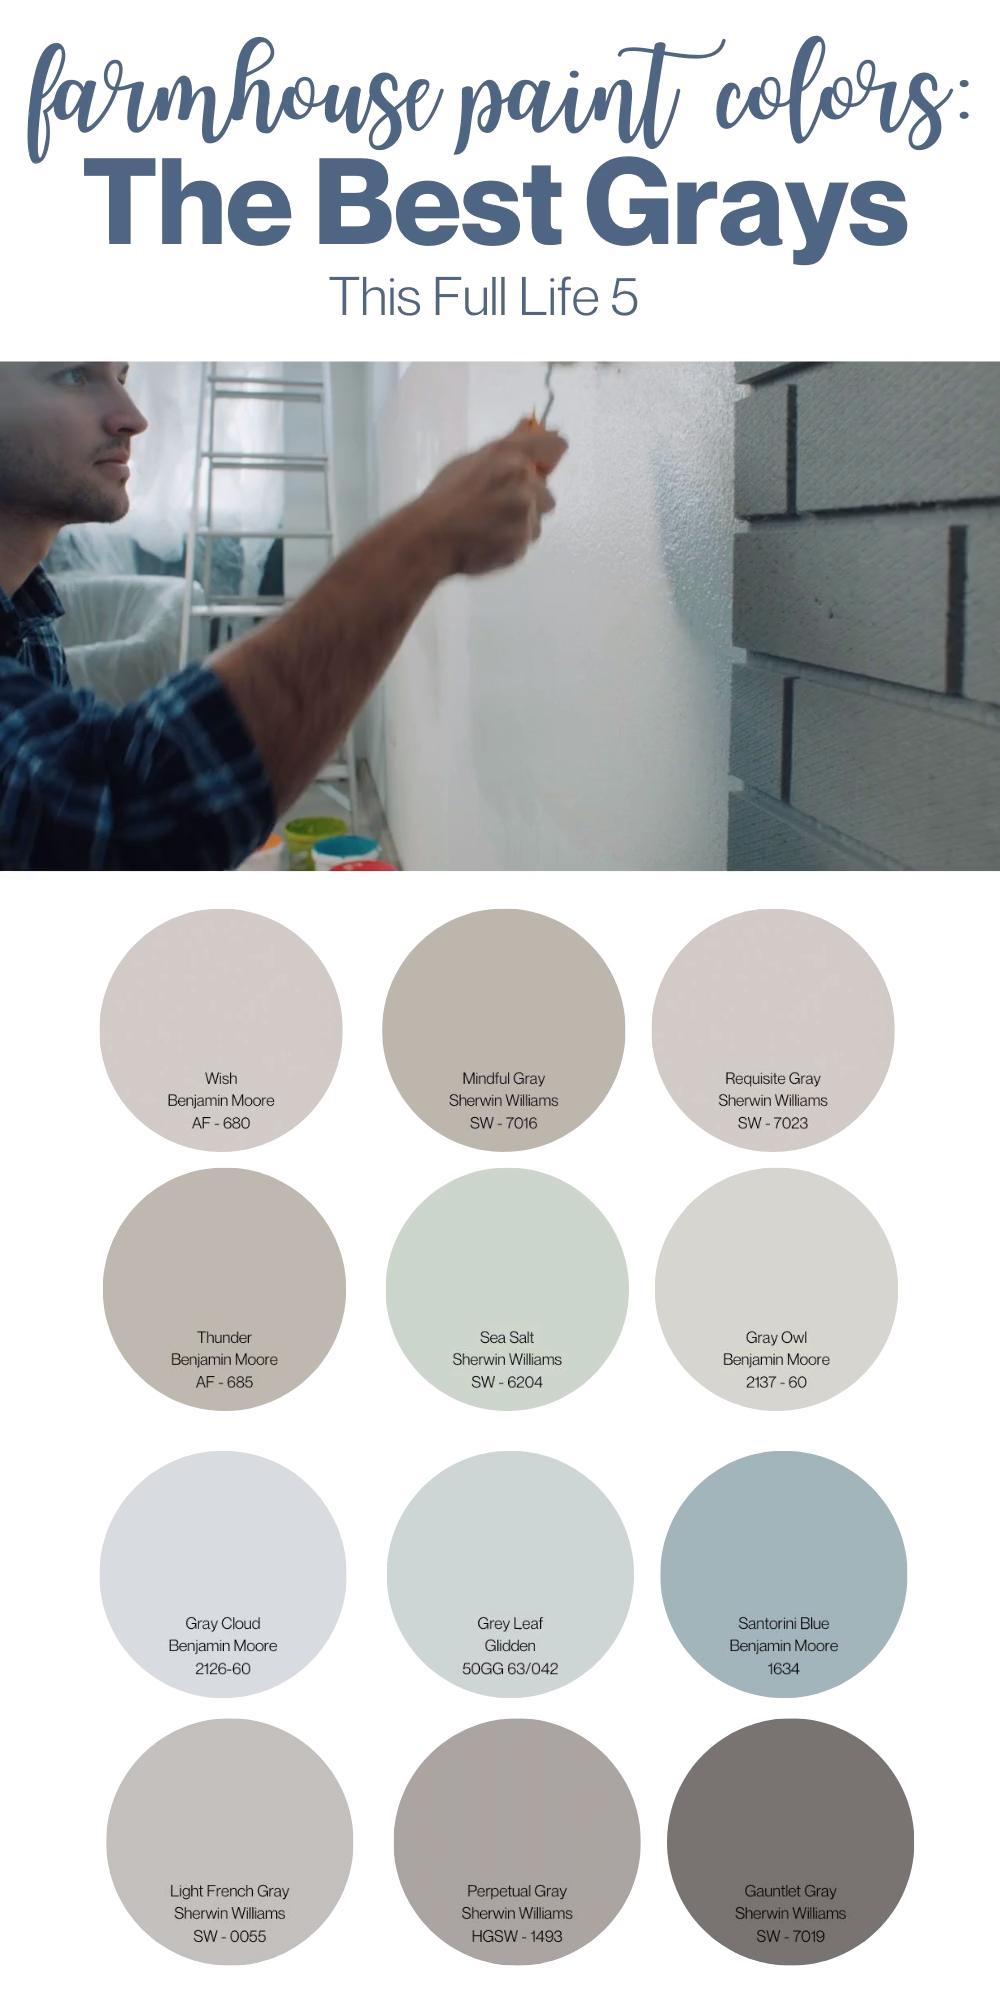 Farmhouse Paint Colors - 12 Best Gray Paints